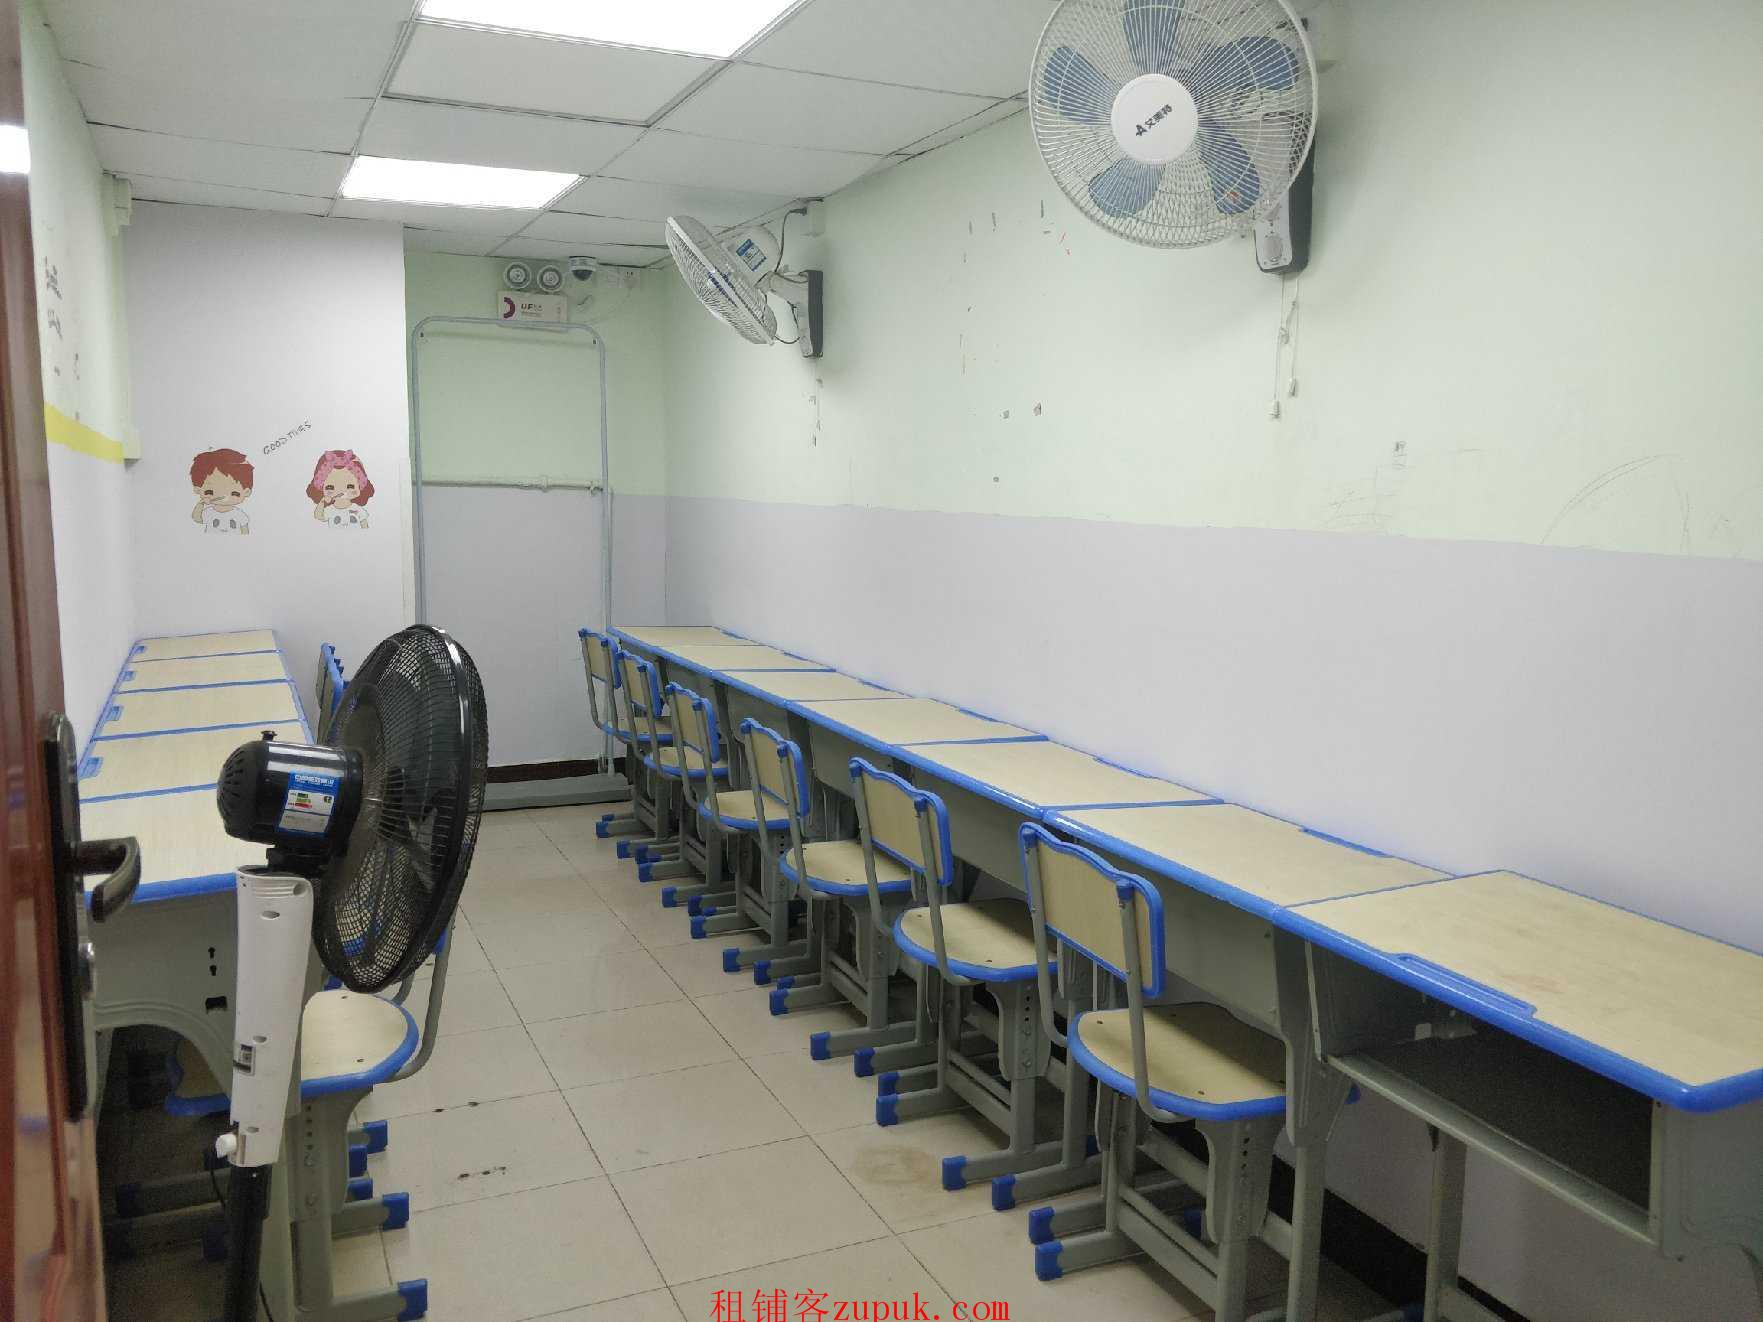 广州海珠区赤岗小学旁教育机构转让